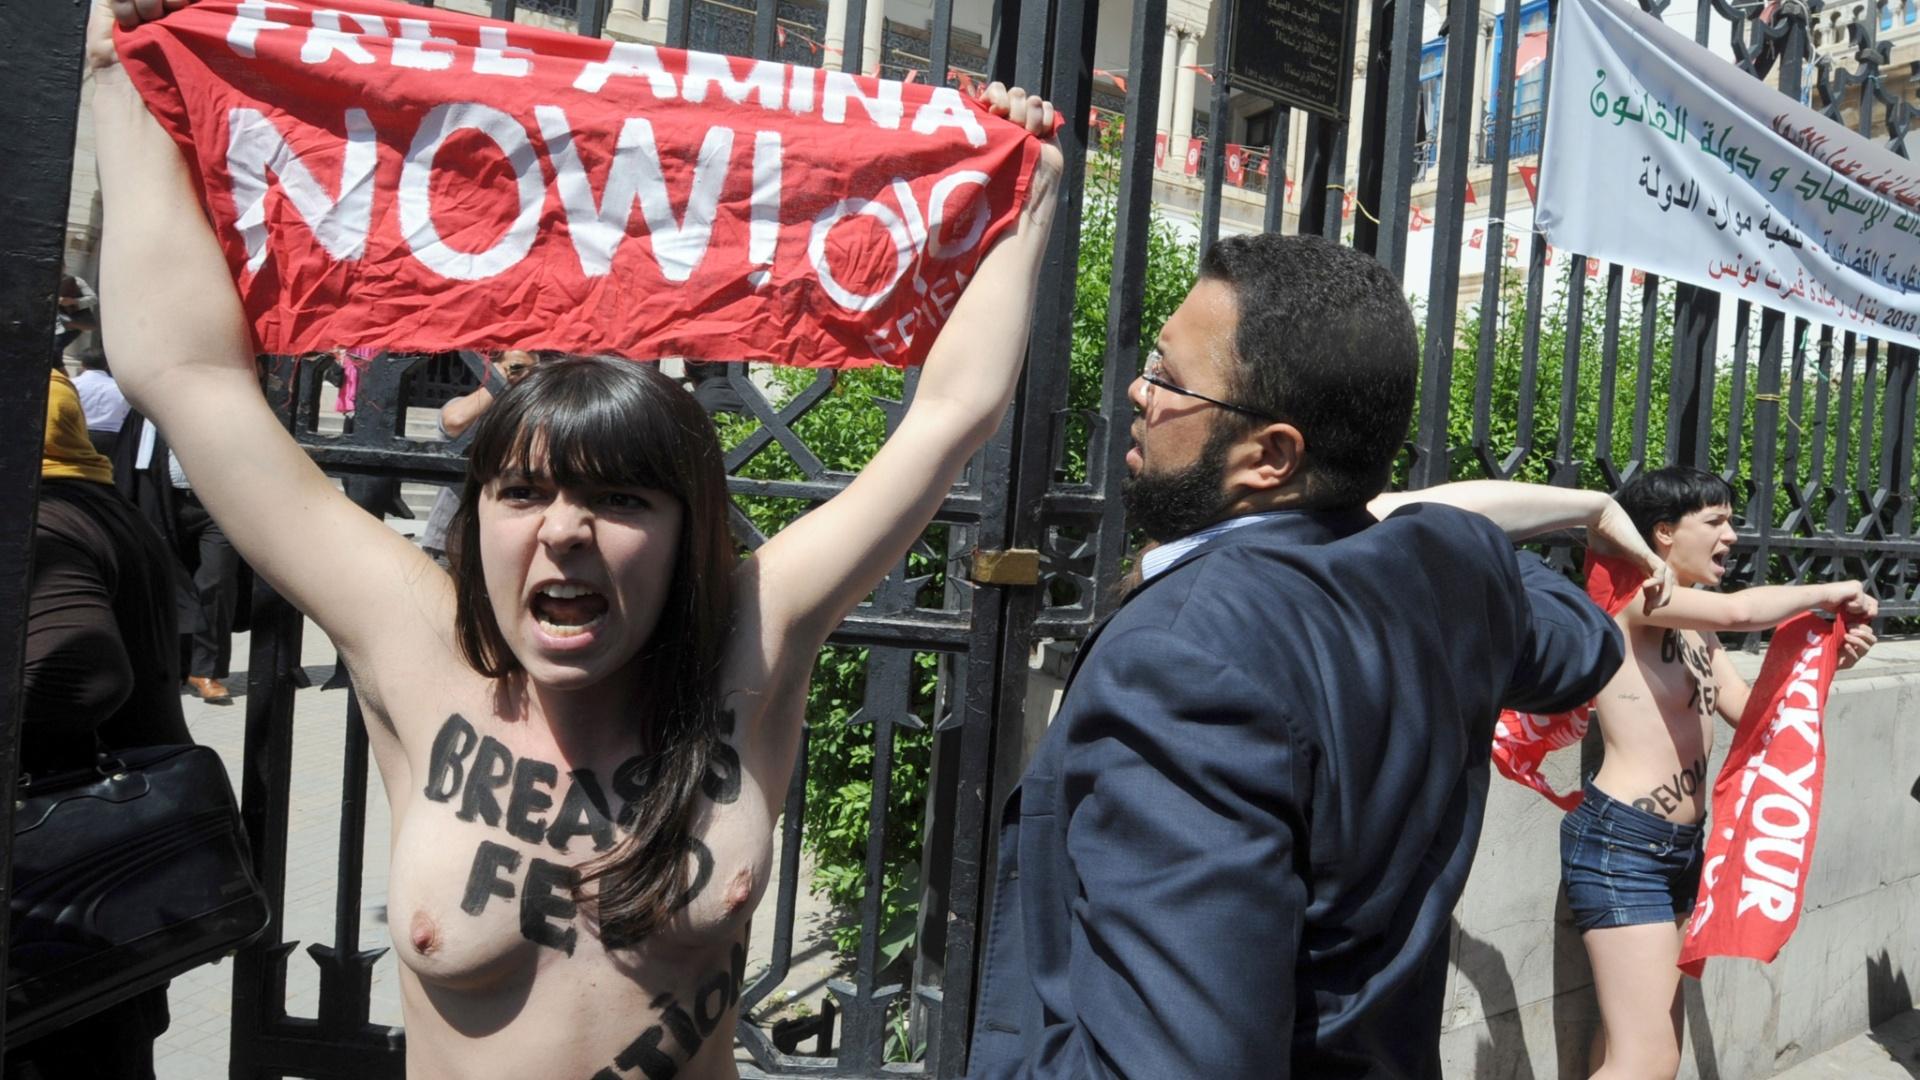 29.mai.2013 - Advogado tenta conter manifestante do Grupo Femen, que protestou em frente ao Palácio da Justiça em Túnis, capital da Tunísia. Duas francesas e uma alemã exibiram faixas com os dizeres